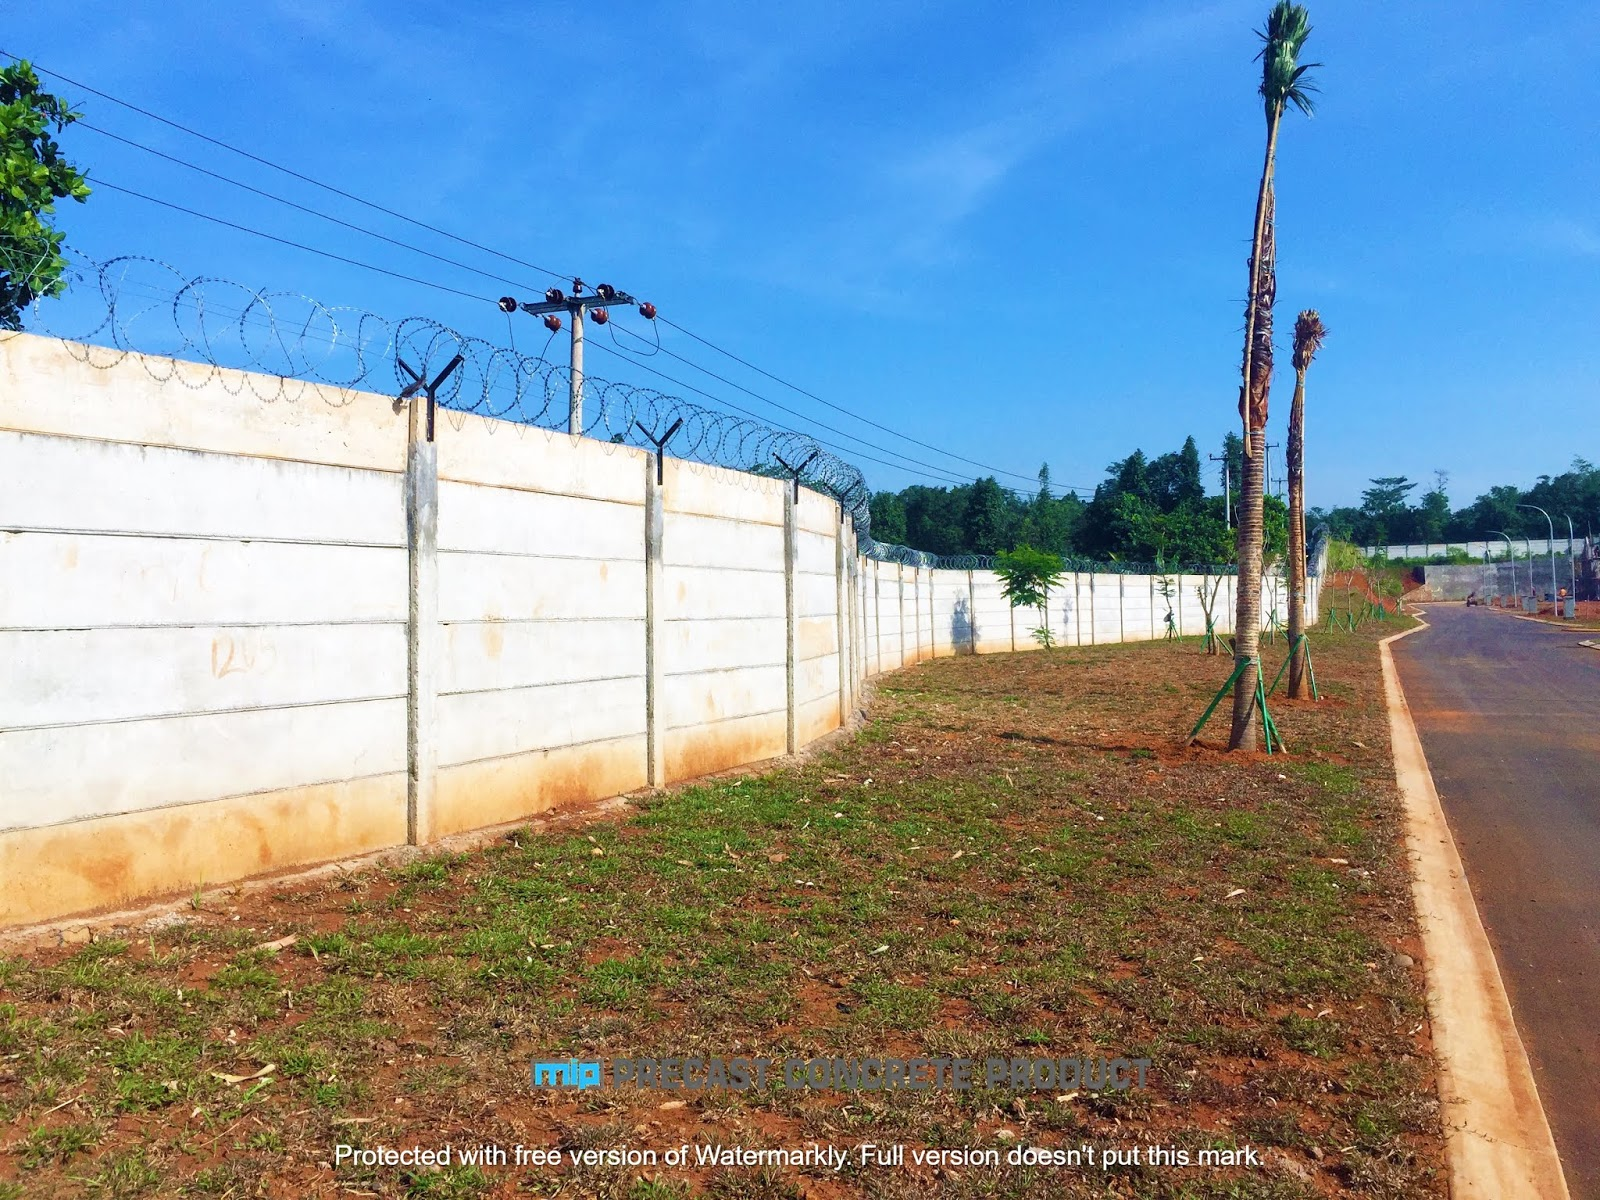 harga pagar panel beton megacon Ungaran Timur Ungaran